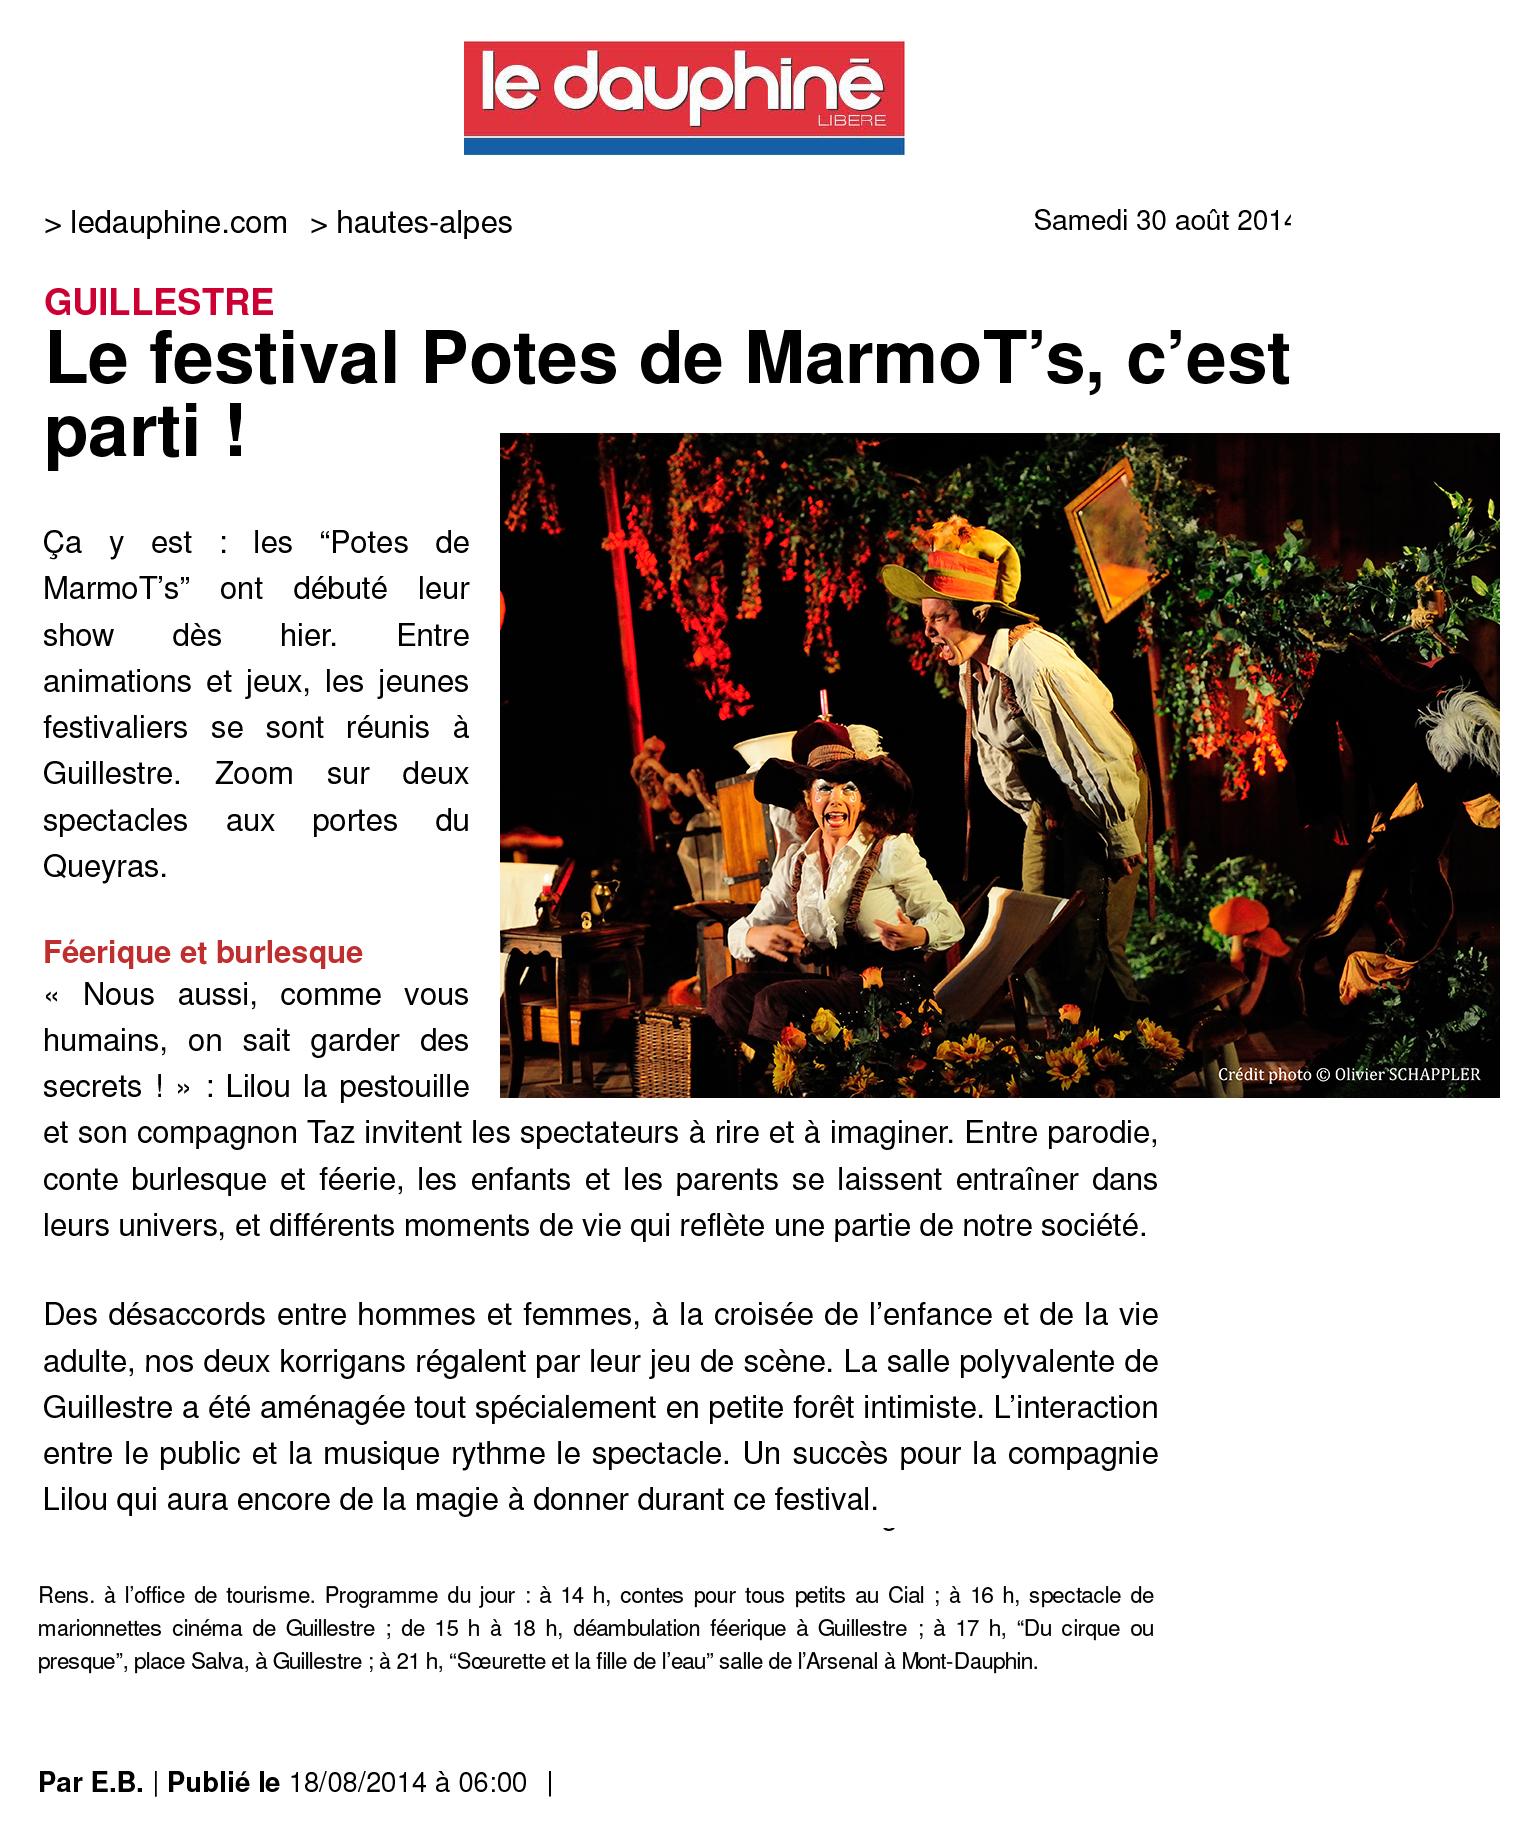 (Guillestre | Le festival Potes de MarmoT222s, c222est parti !)